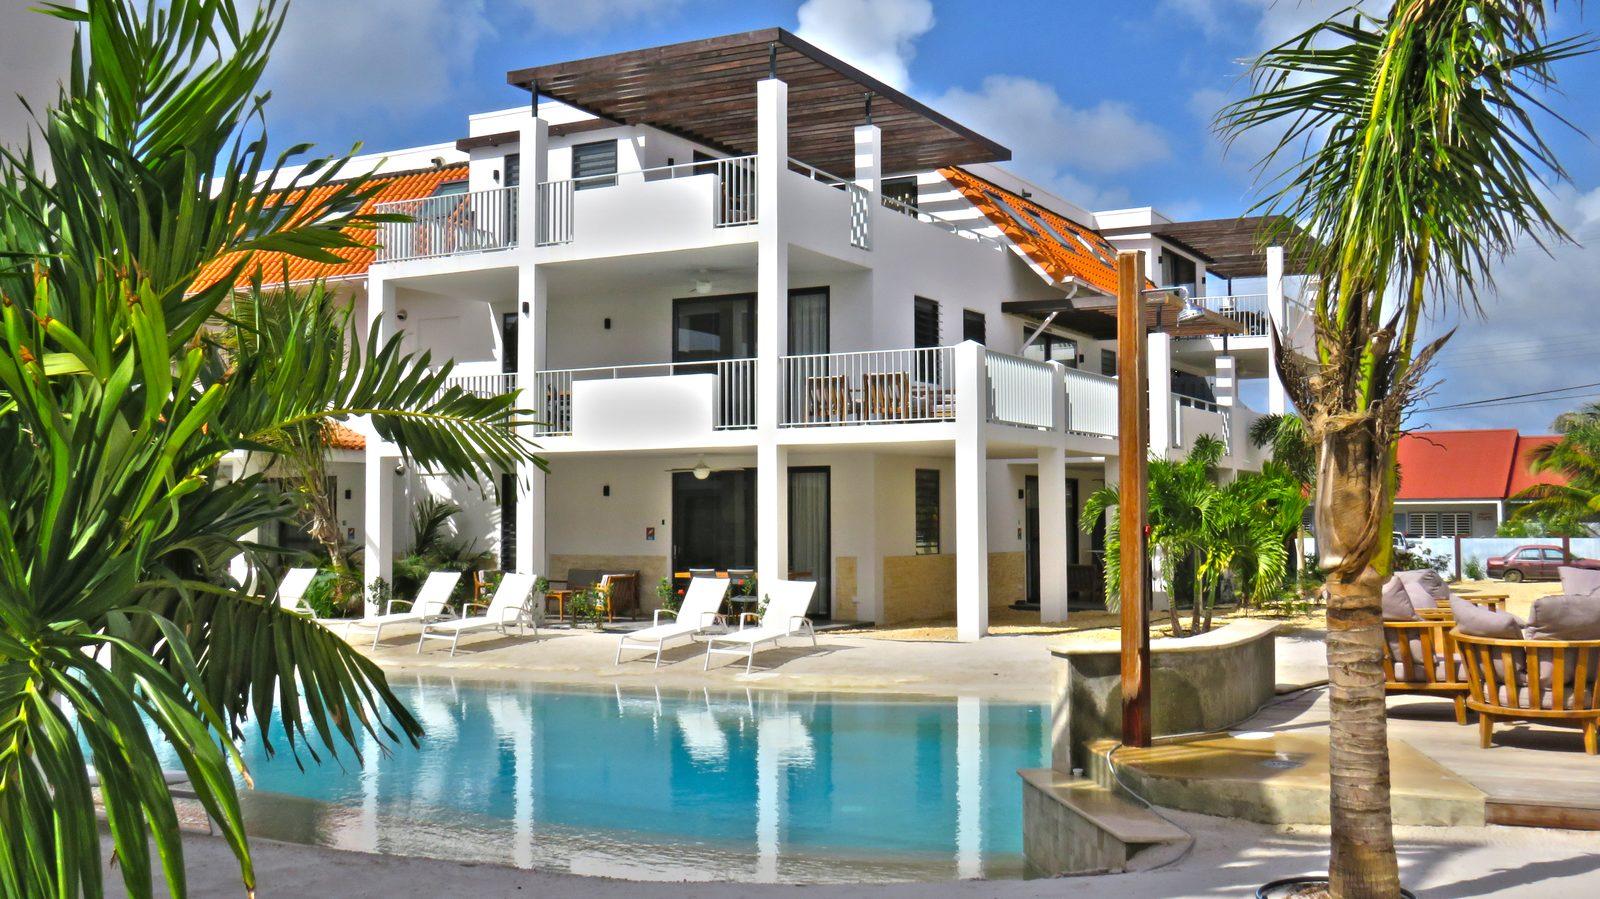 Séjourner à Bonaire? C'est possible au Resort Bonaire! Nous avons plusieurs appartements luxueux et dotés de tout ce dont vous avez besoin.